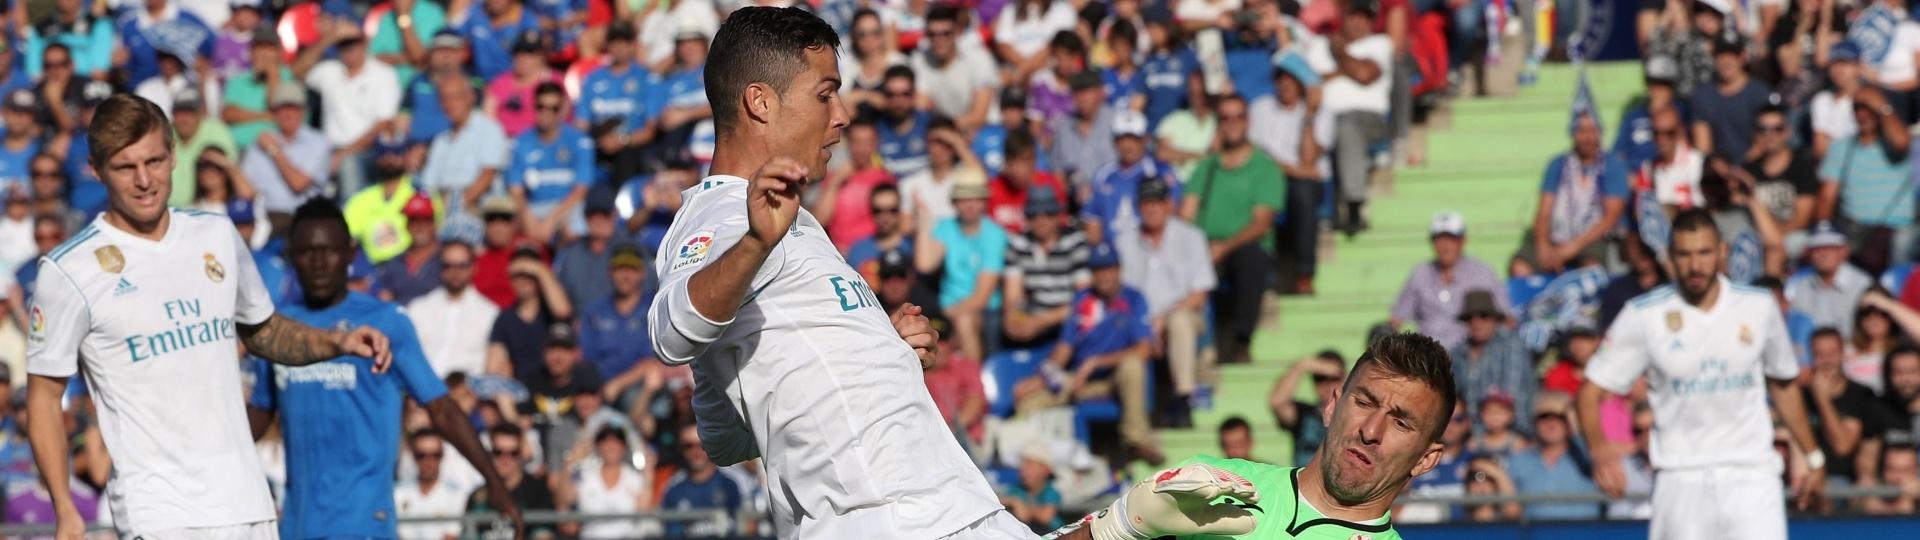 Goleiro Guaita salva o Getafe em tentativa de gol de Cristiano Ronaldo